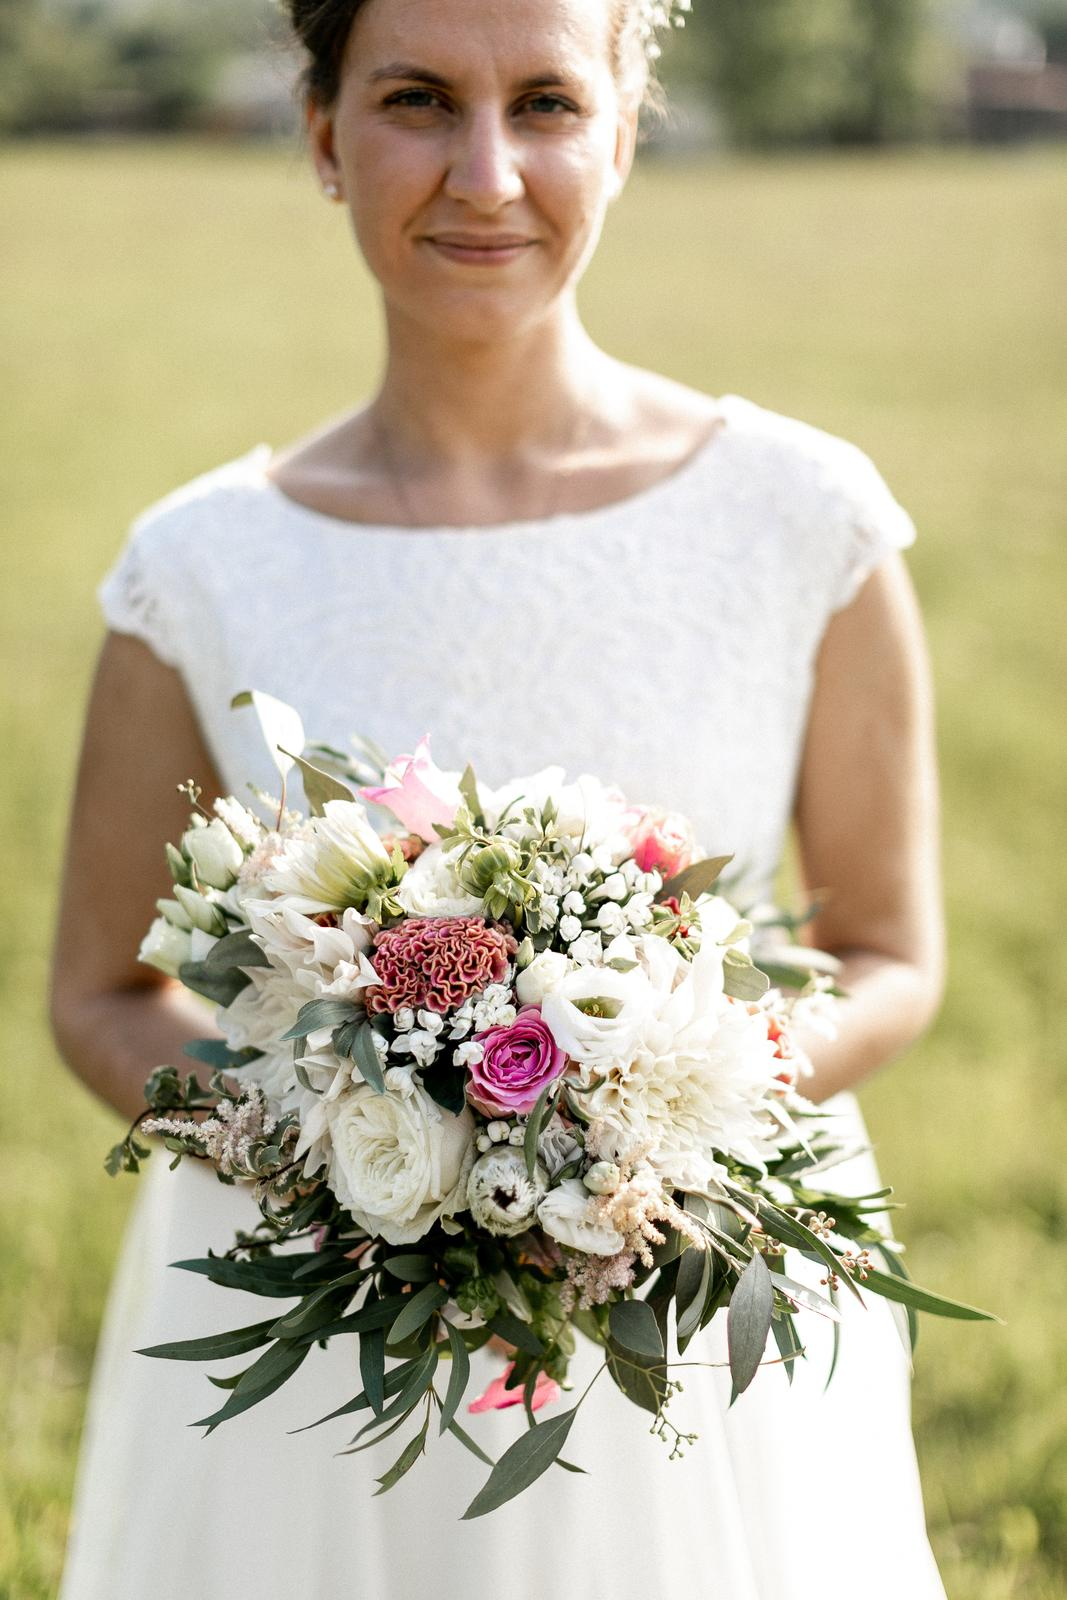 Svatební ivory šaty šité na míru - Obrázek č. 3